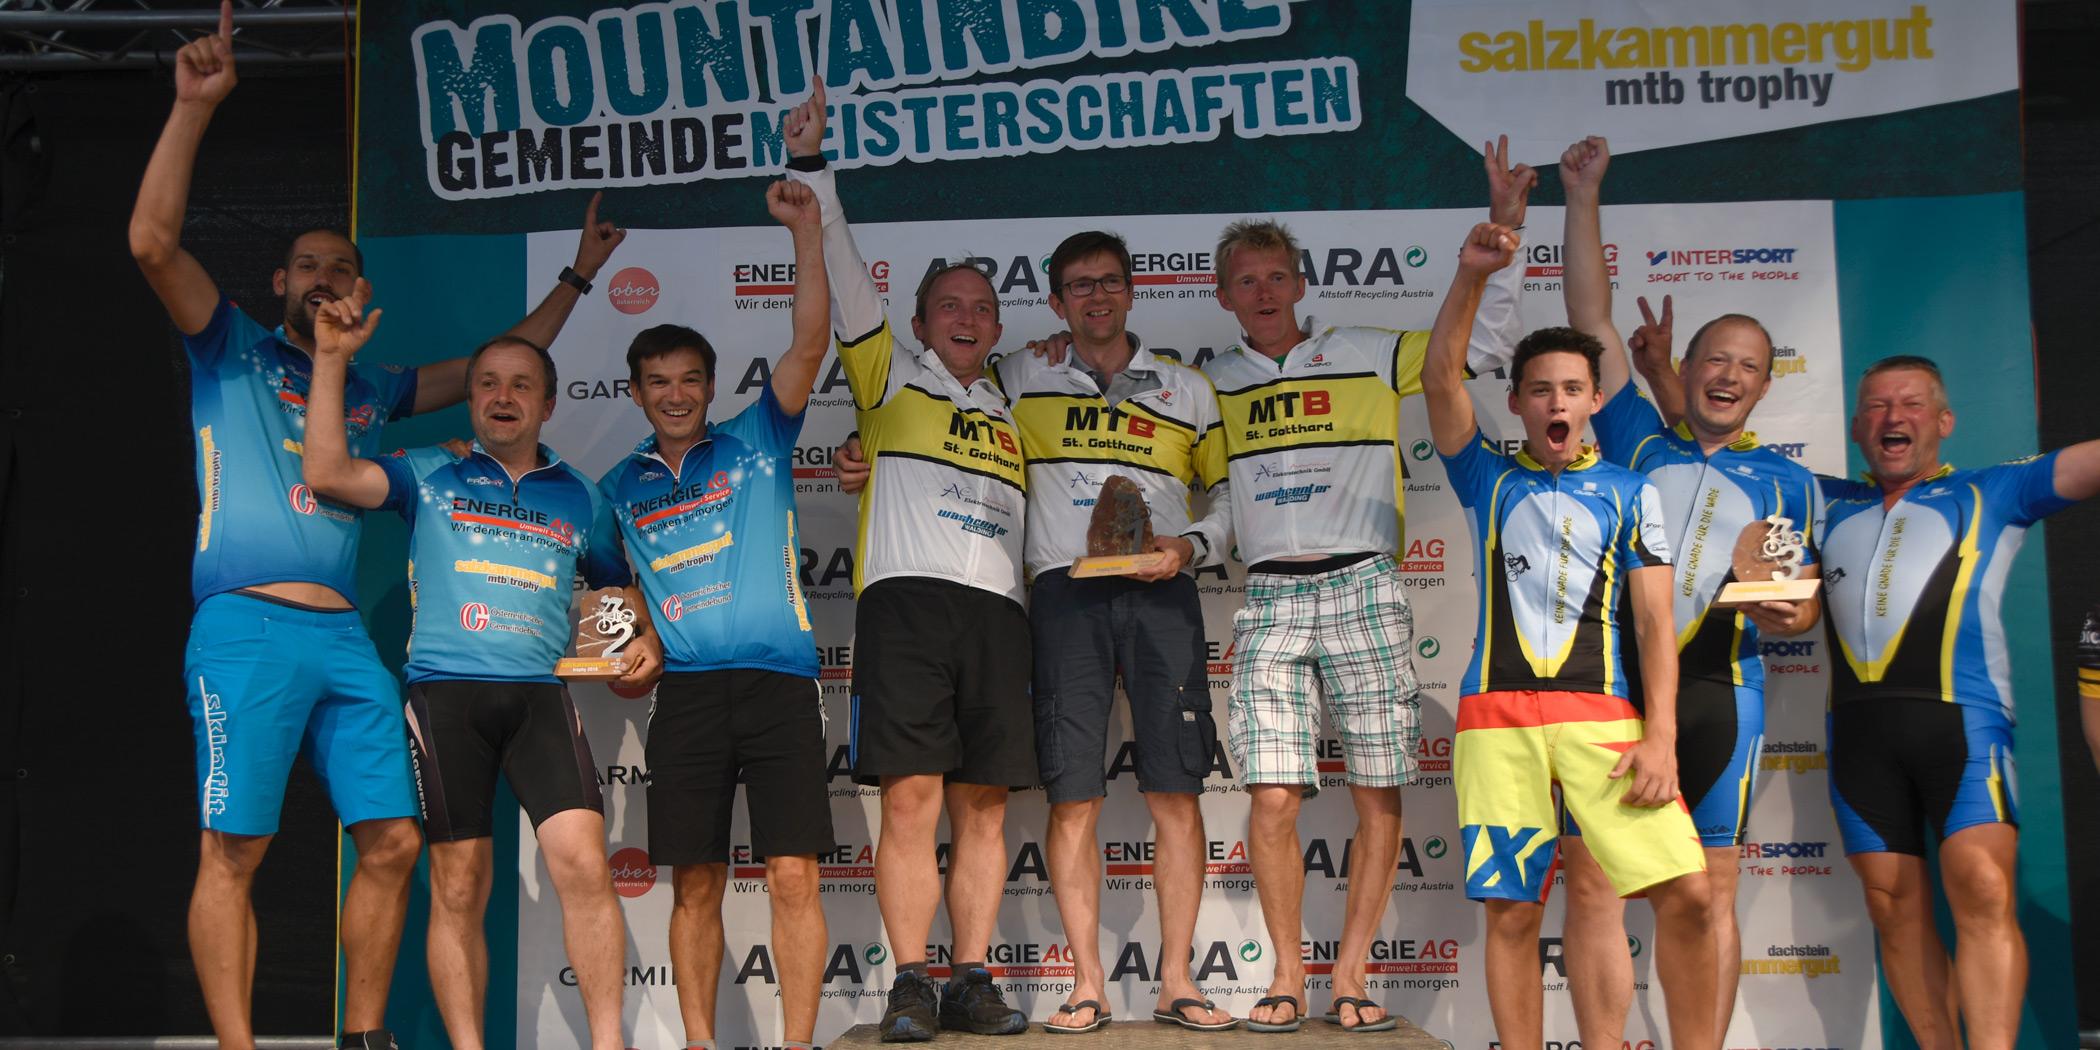 Sieger Salzkammergut Trophy 2018 - Gemeindemeisterschaften Strecke G (Foto: Rudi Knoll)